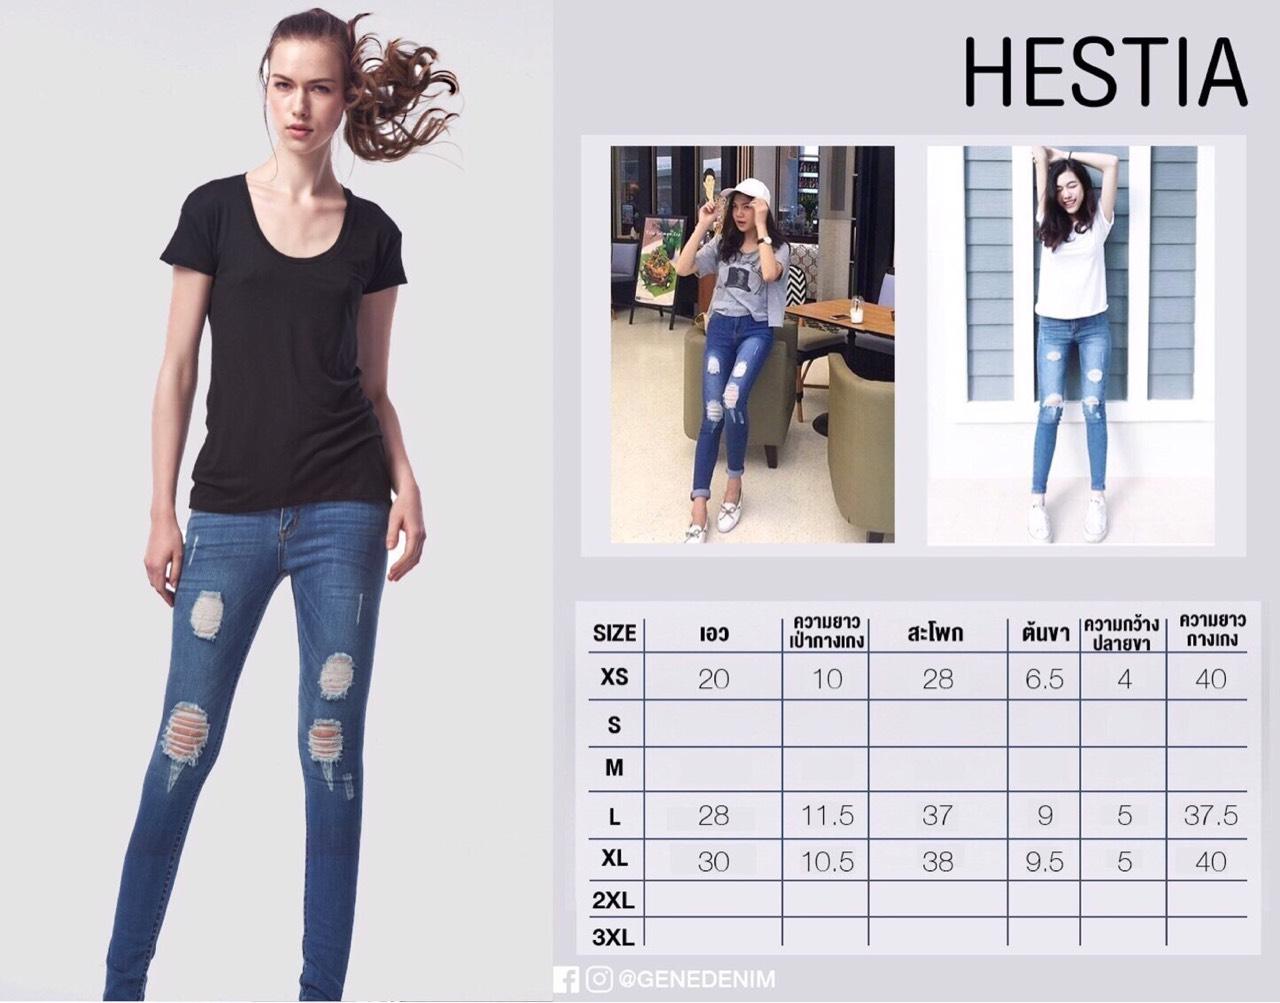 กางเกง,กางเกงยีนส์,ยีน,ยีนส์,ยีนส์ขาด,jean,jeans,denim,skinny,rippedjeans,GeneDenim